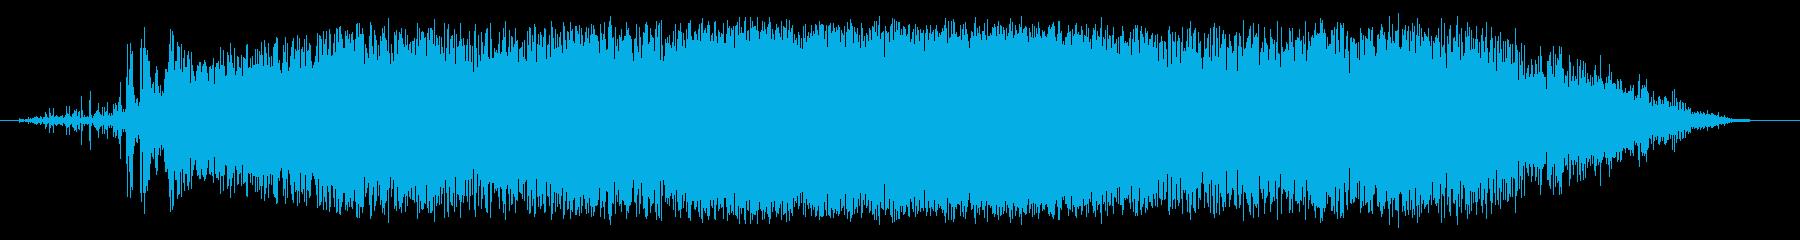 雪崩:ヘビーの再生済みの波形